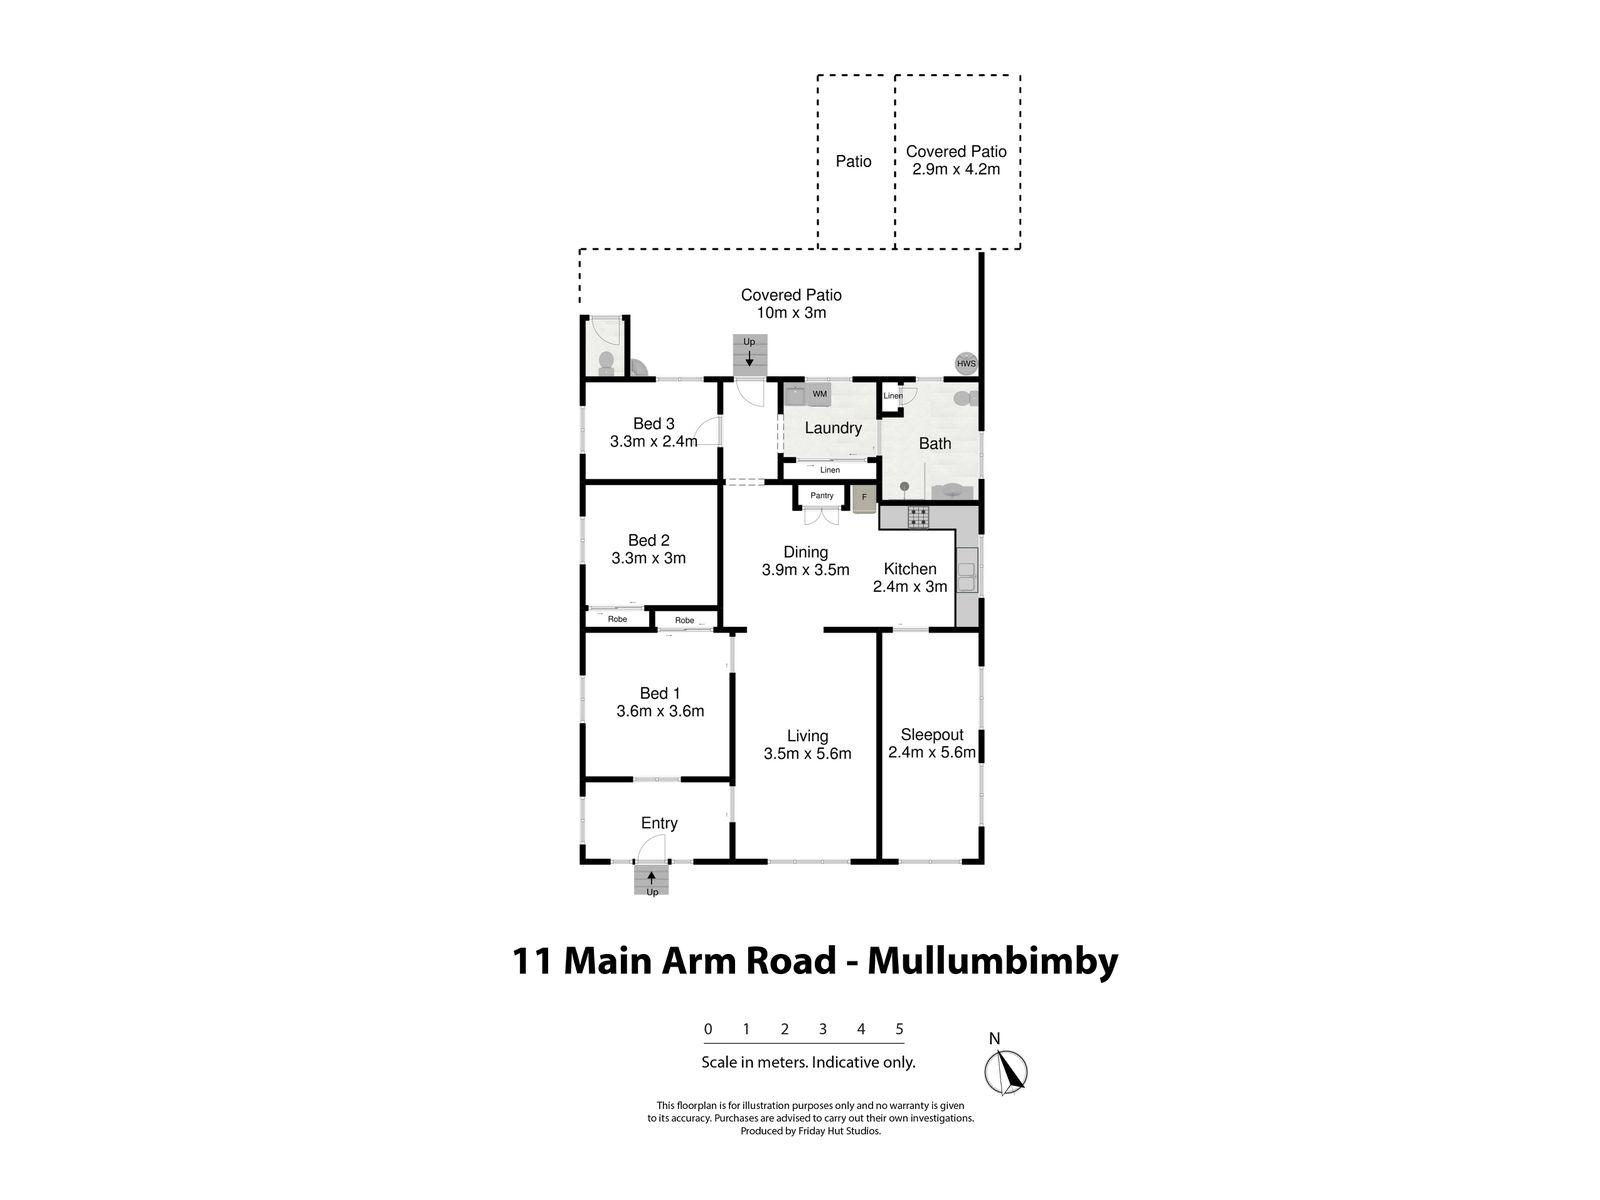 11 Main Arm Road, Mullumbimby